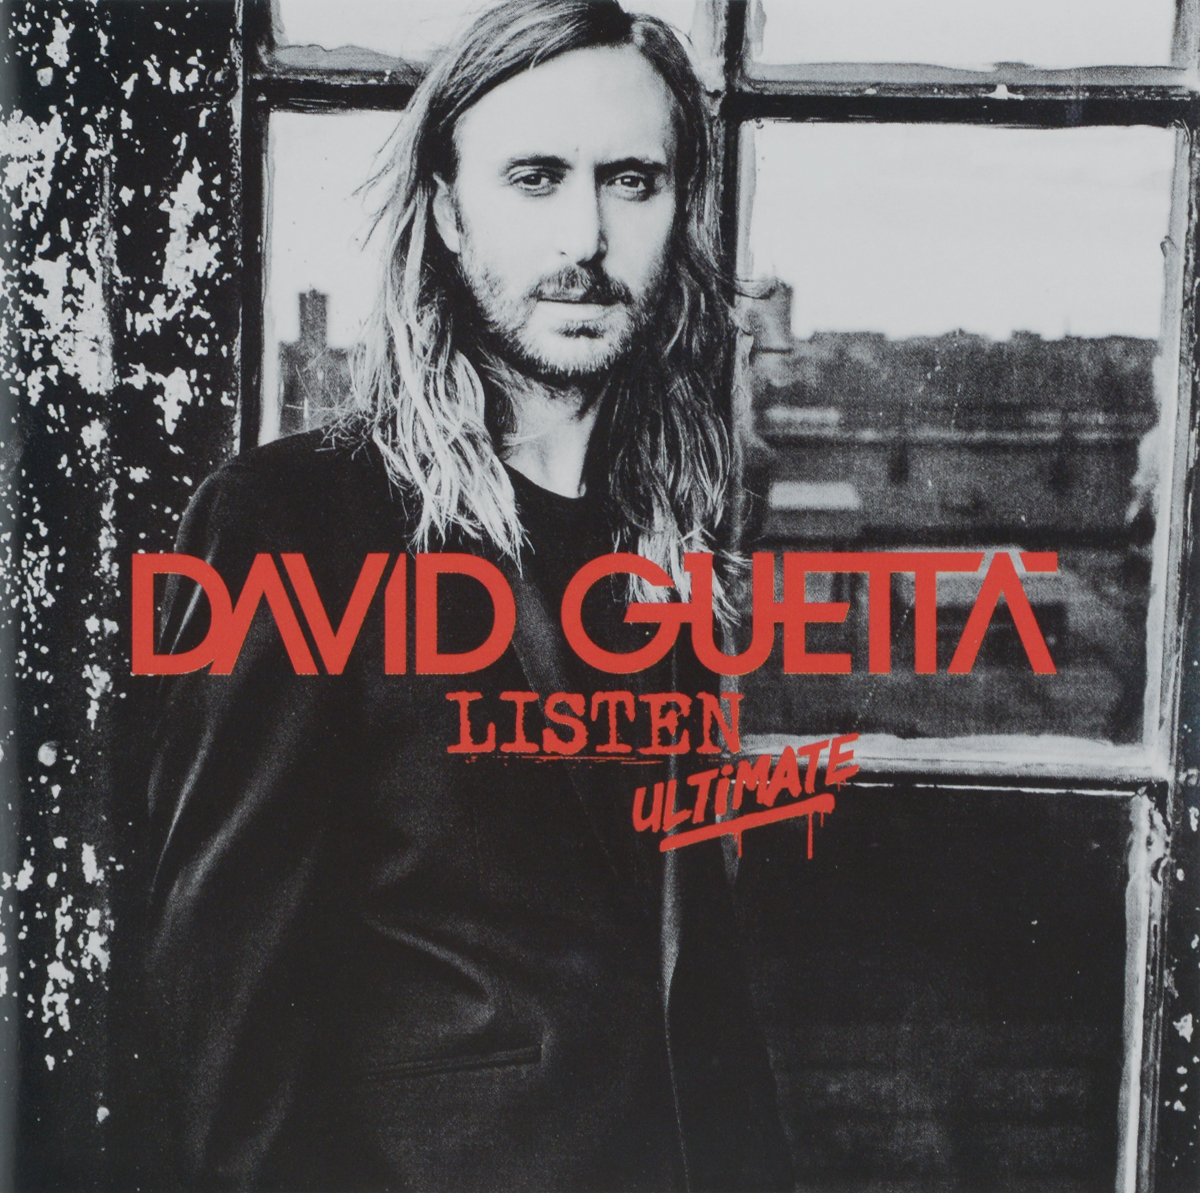 David Guetta. Listen